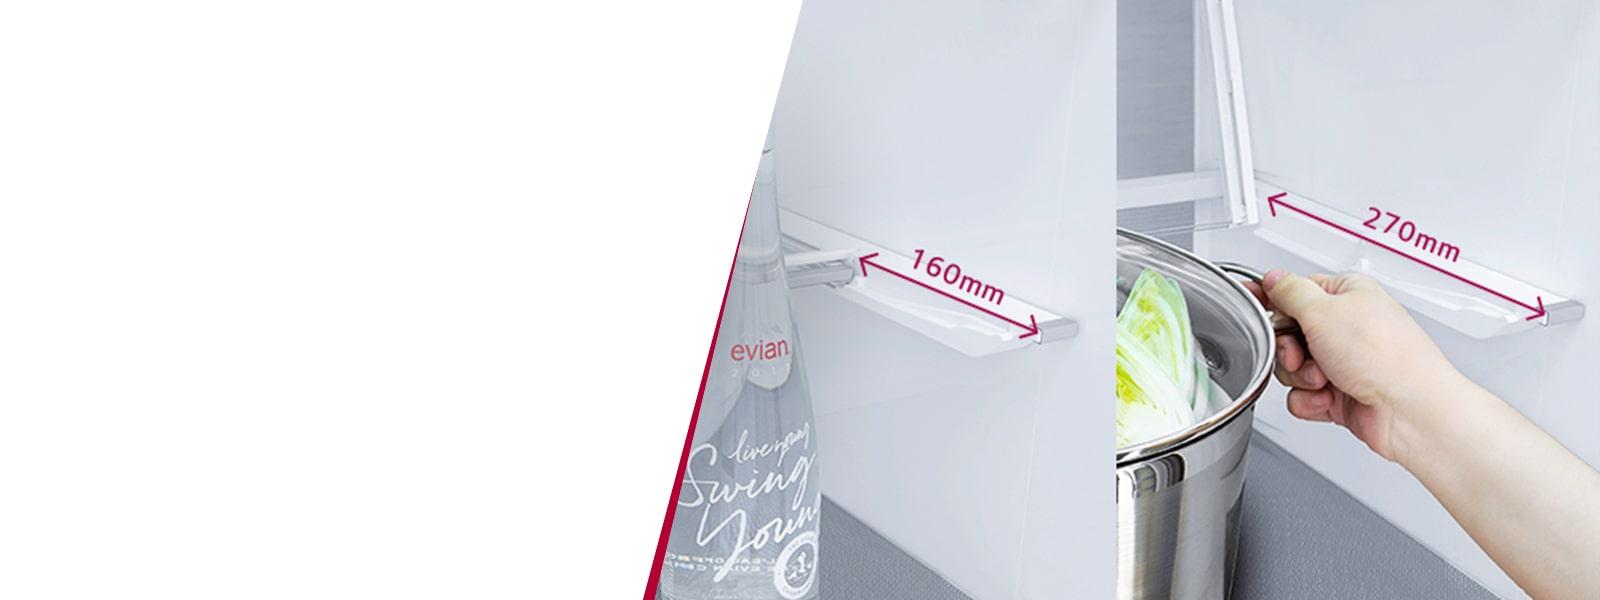 Démonstration de l'utilisation de la clayette dans le réfrigérateur